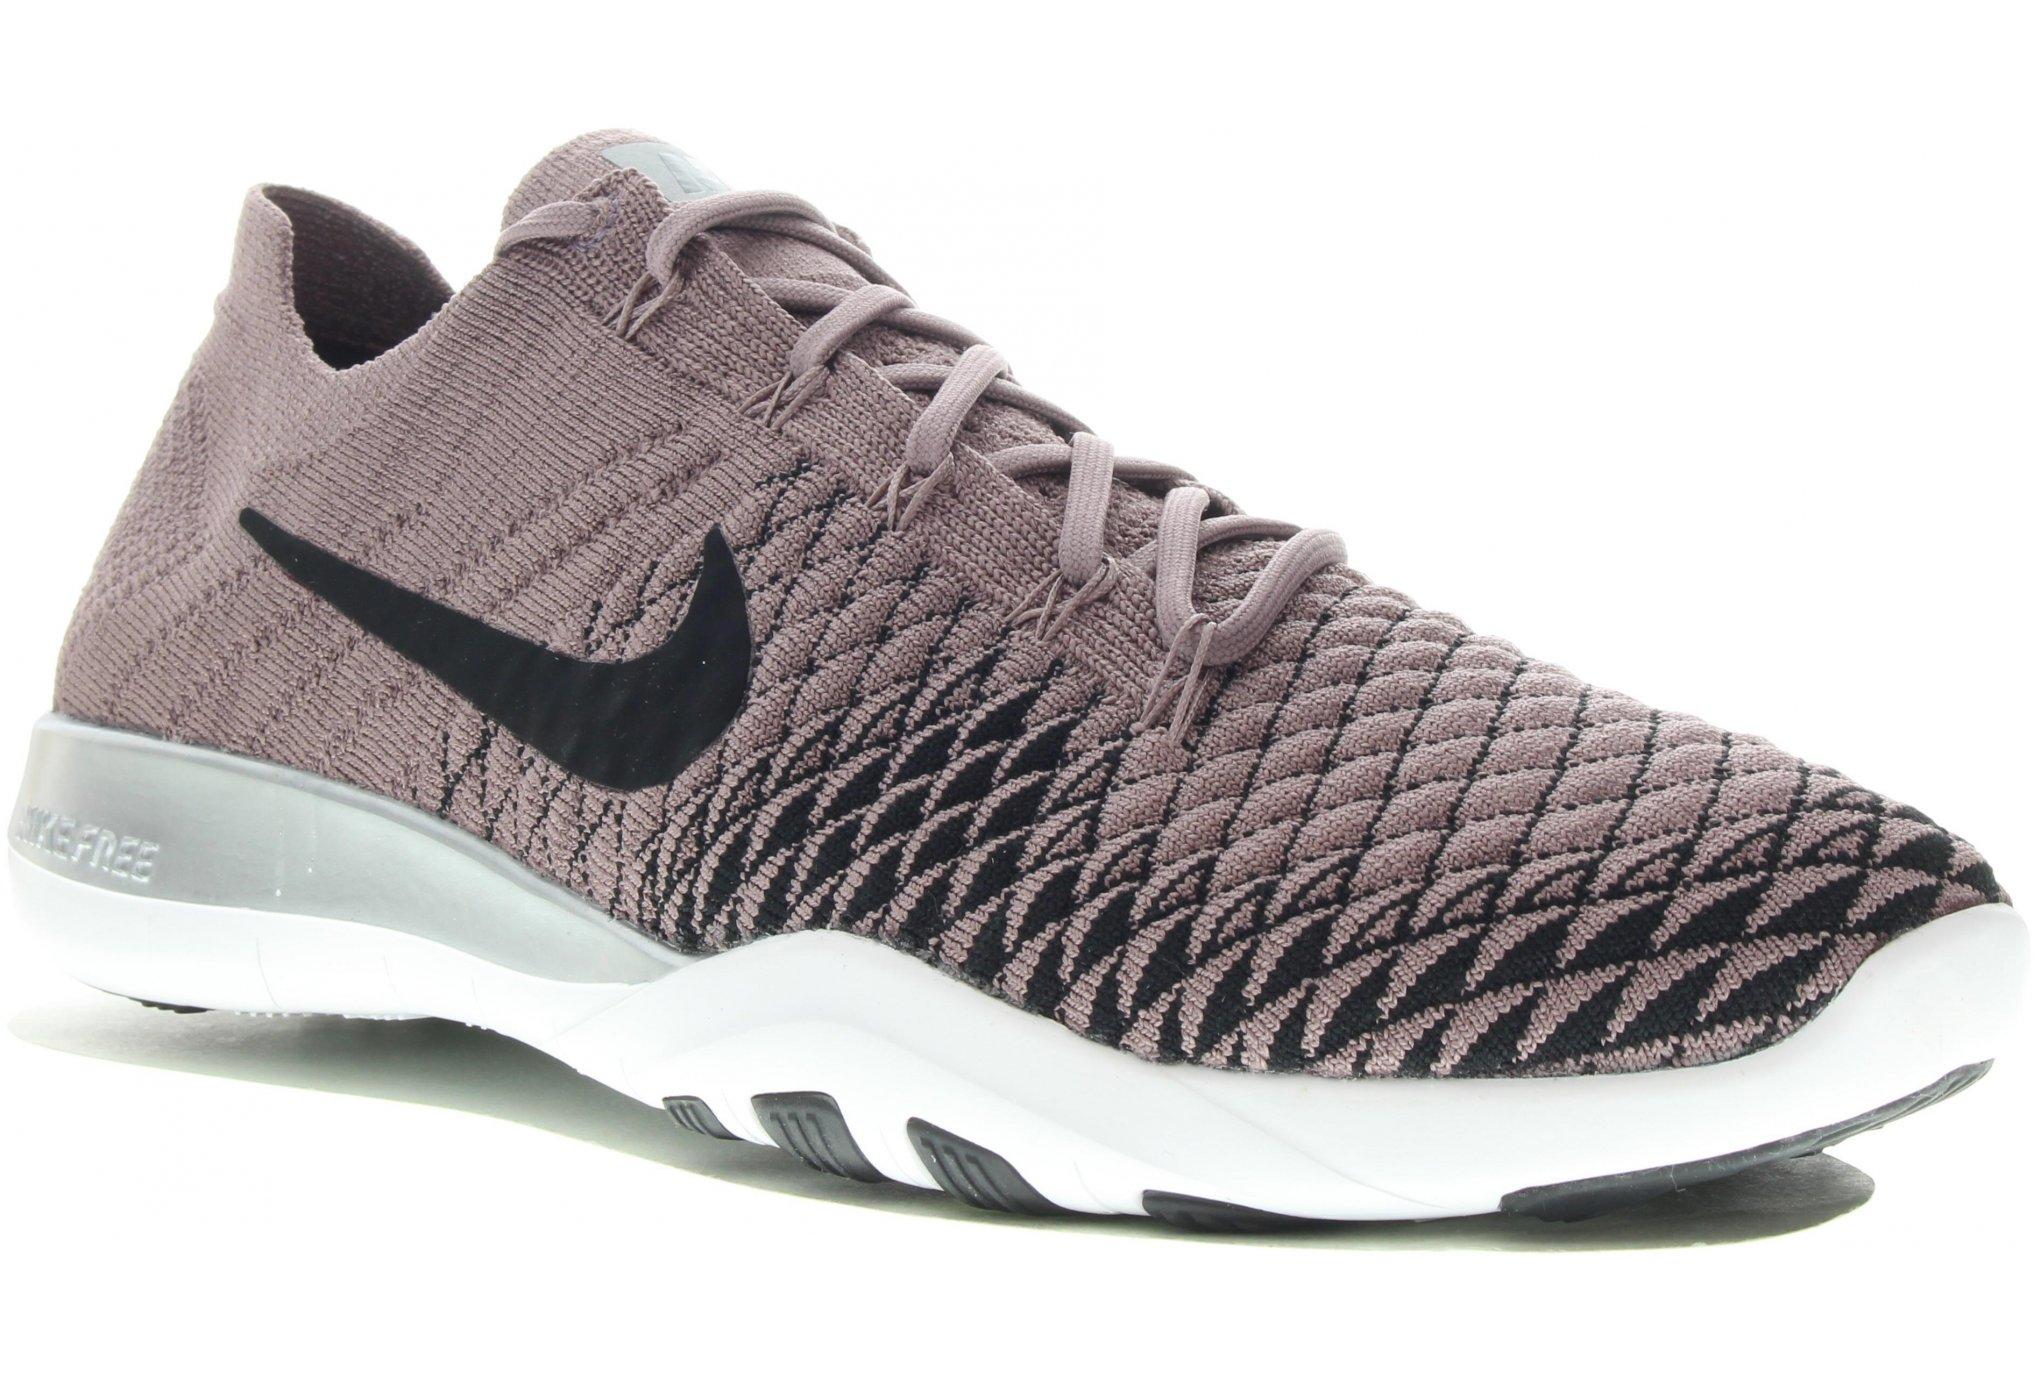 Nike Free TR Flyknit 2 Bionic W Diététique Chaussures femme